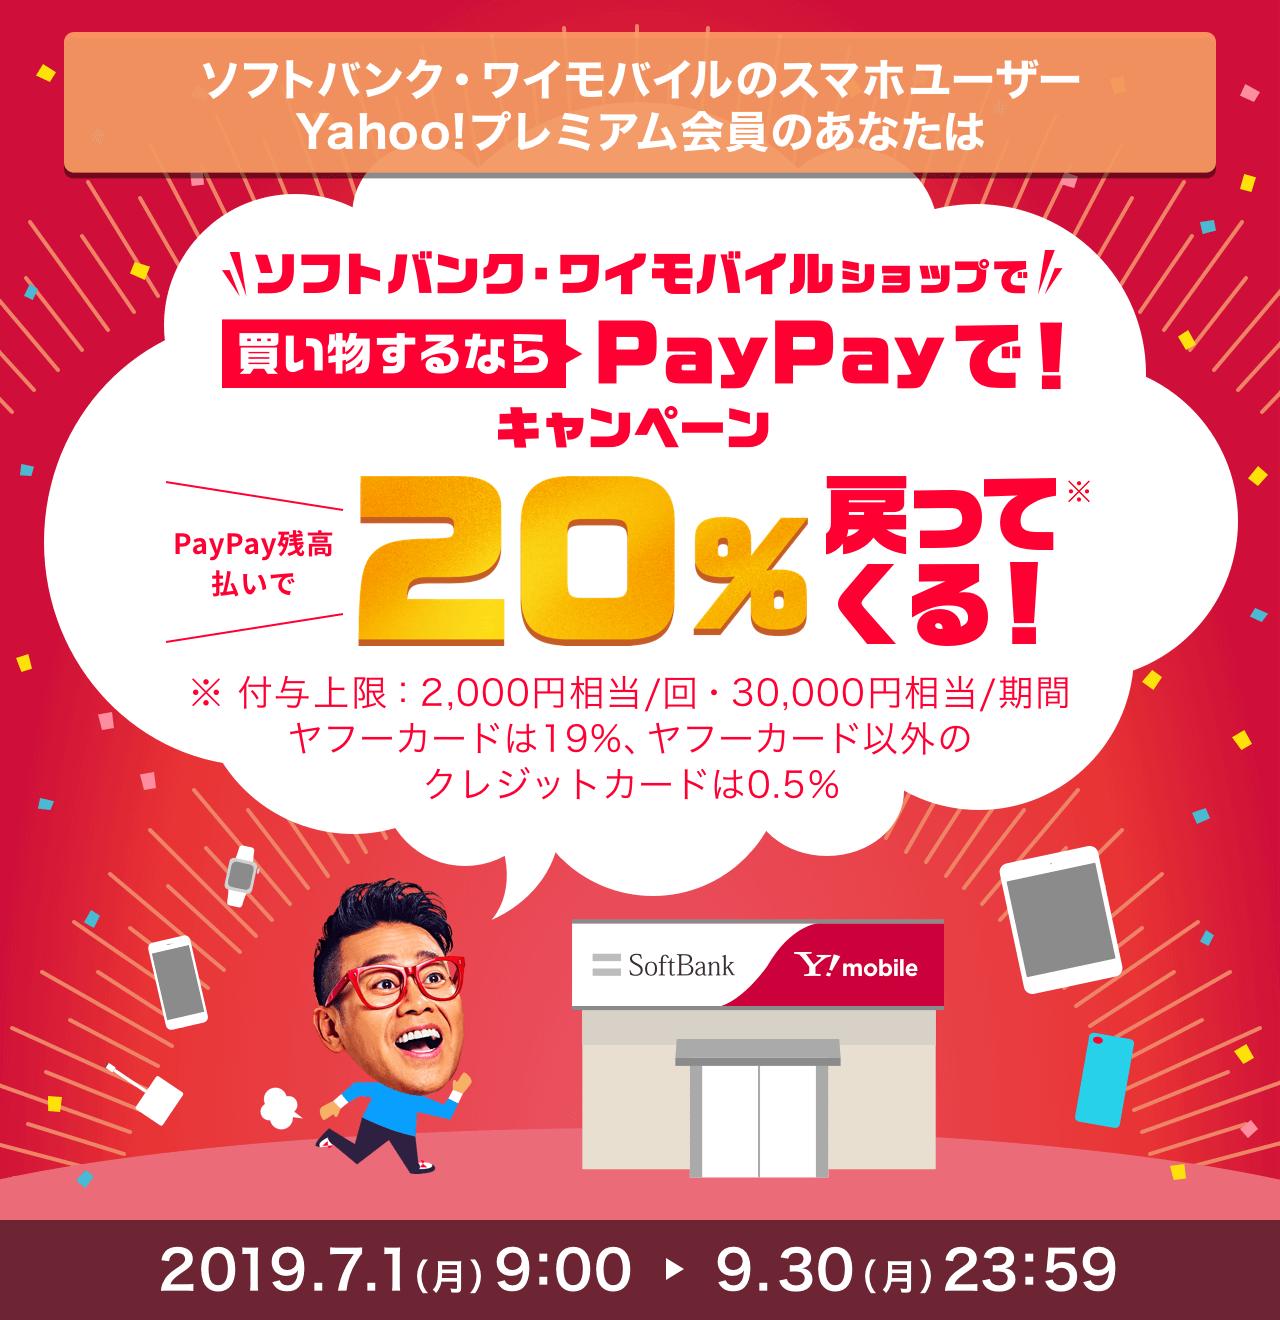 ソフトバンク・ワイモバイルのスマホユーザーのあなたは ソフトバンク・ワイモバイルショップで買い物するならPayPayで! キャンペーン PayPay残高払いで20%戻ってくる!